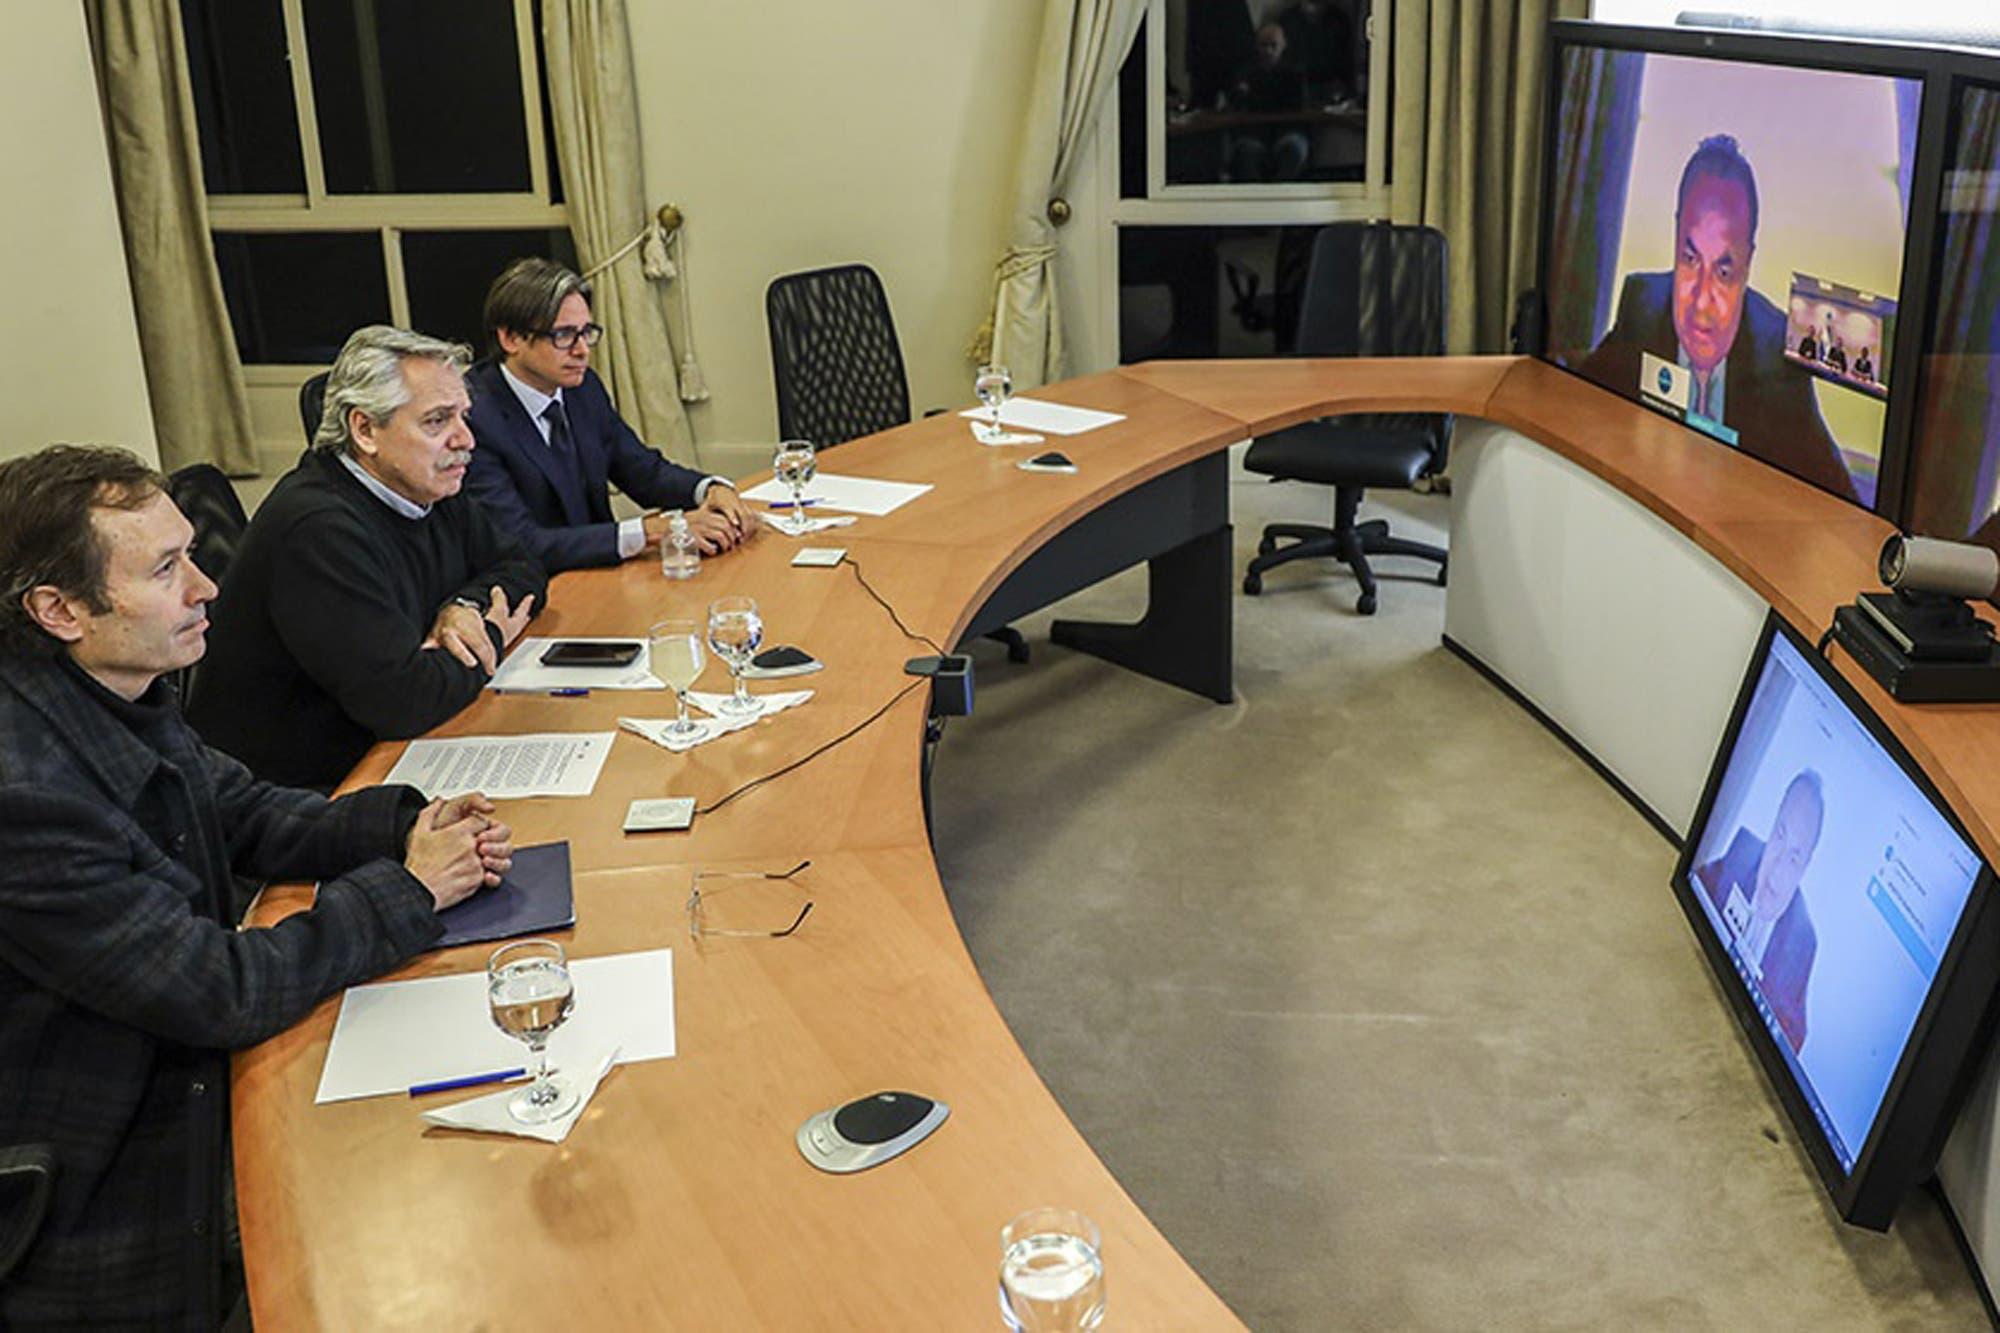 La Argentina recibirá financiamiento del Banco de Desarrollo de América Latina por U$S 4000 millones